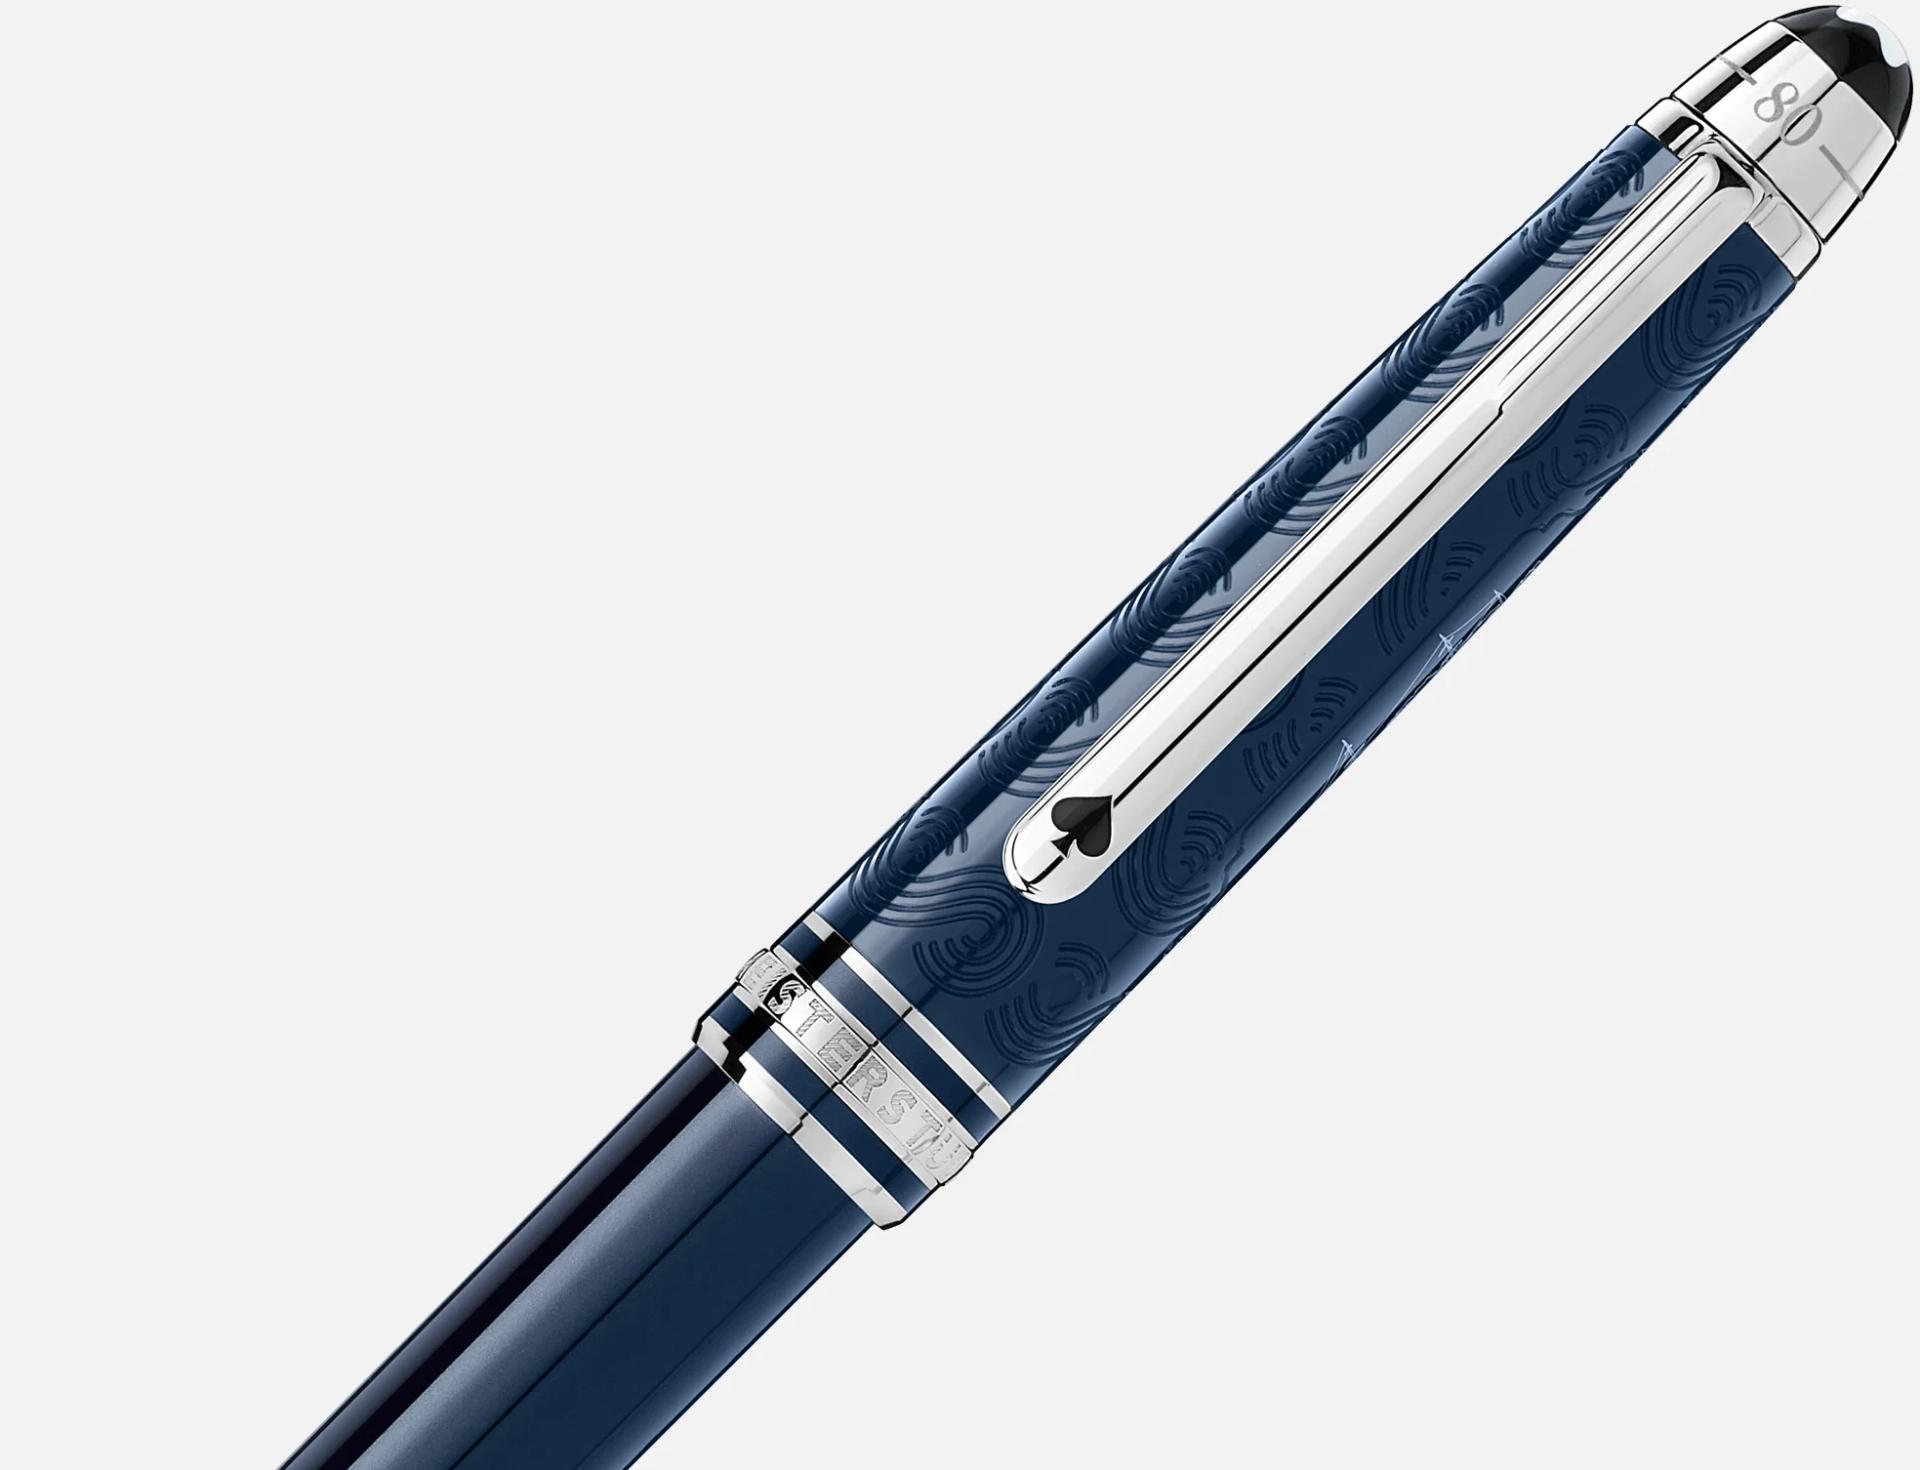 Stylo plume classique, Meisterstück Le tour du monde en 80 jours, Montblanc